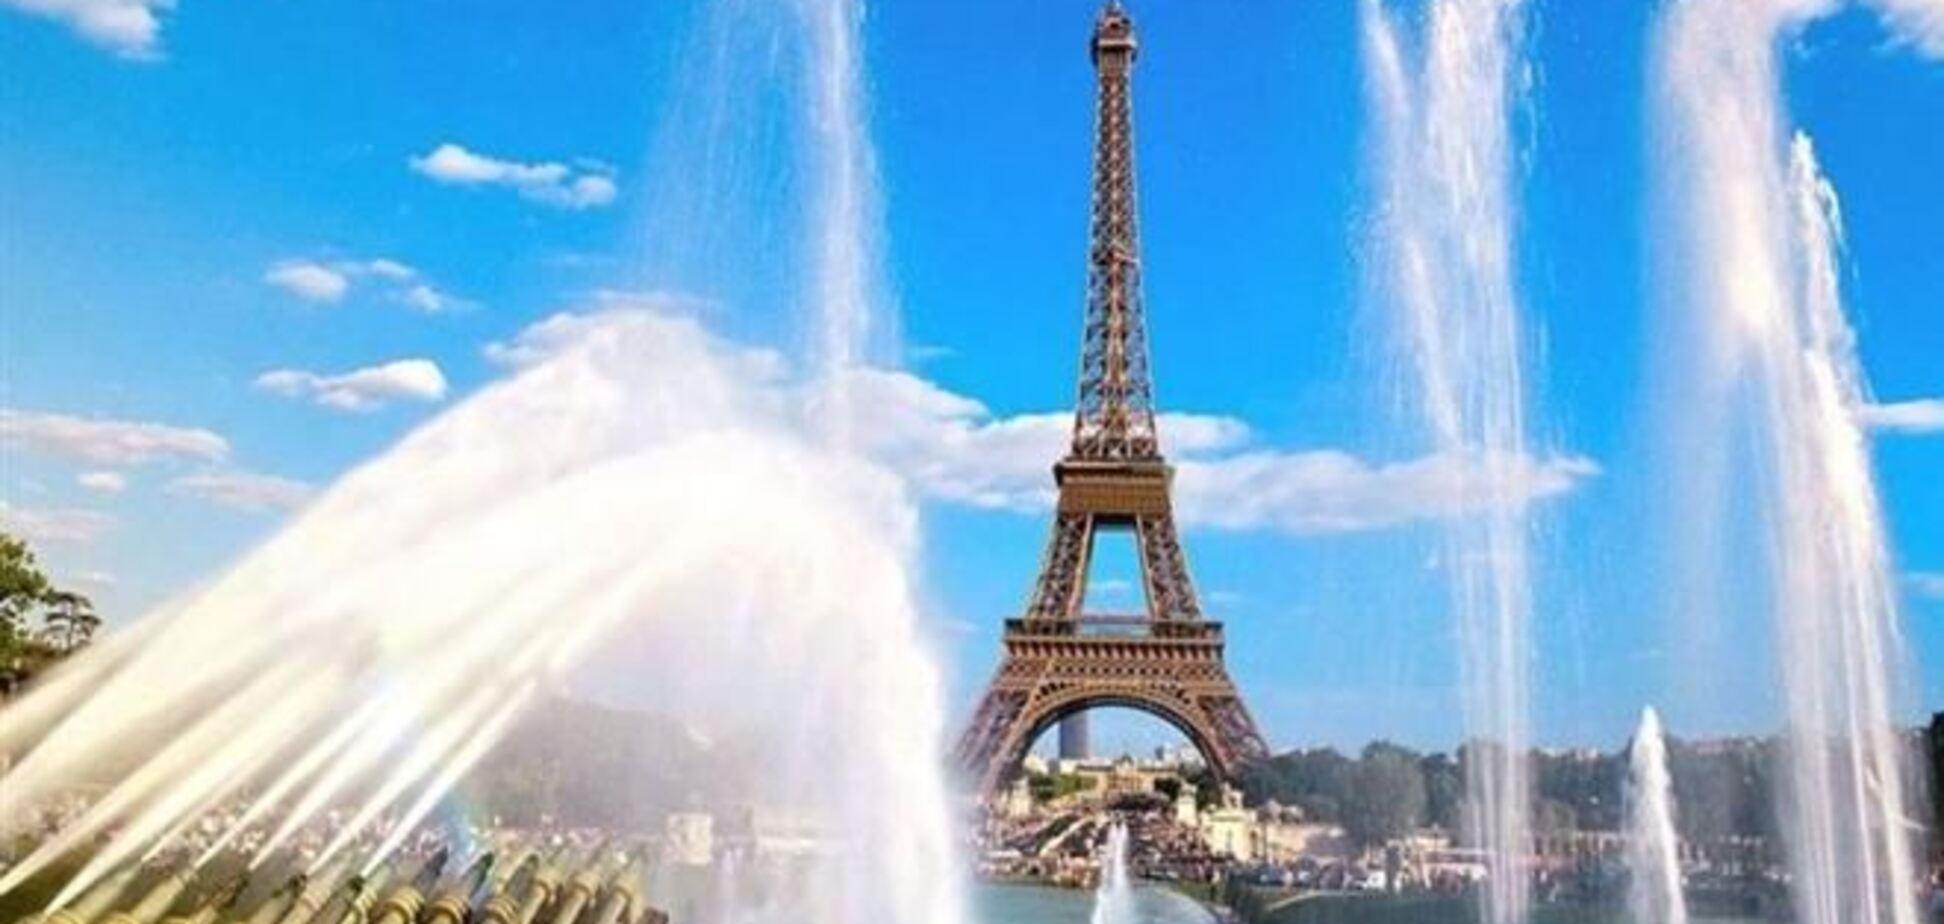 Зарубежные покупатели охотно покупают элитное жилье во Франции